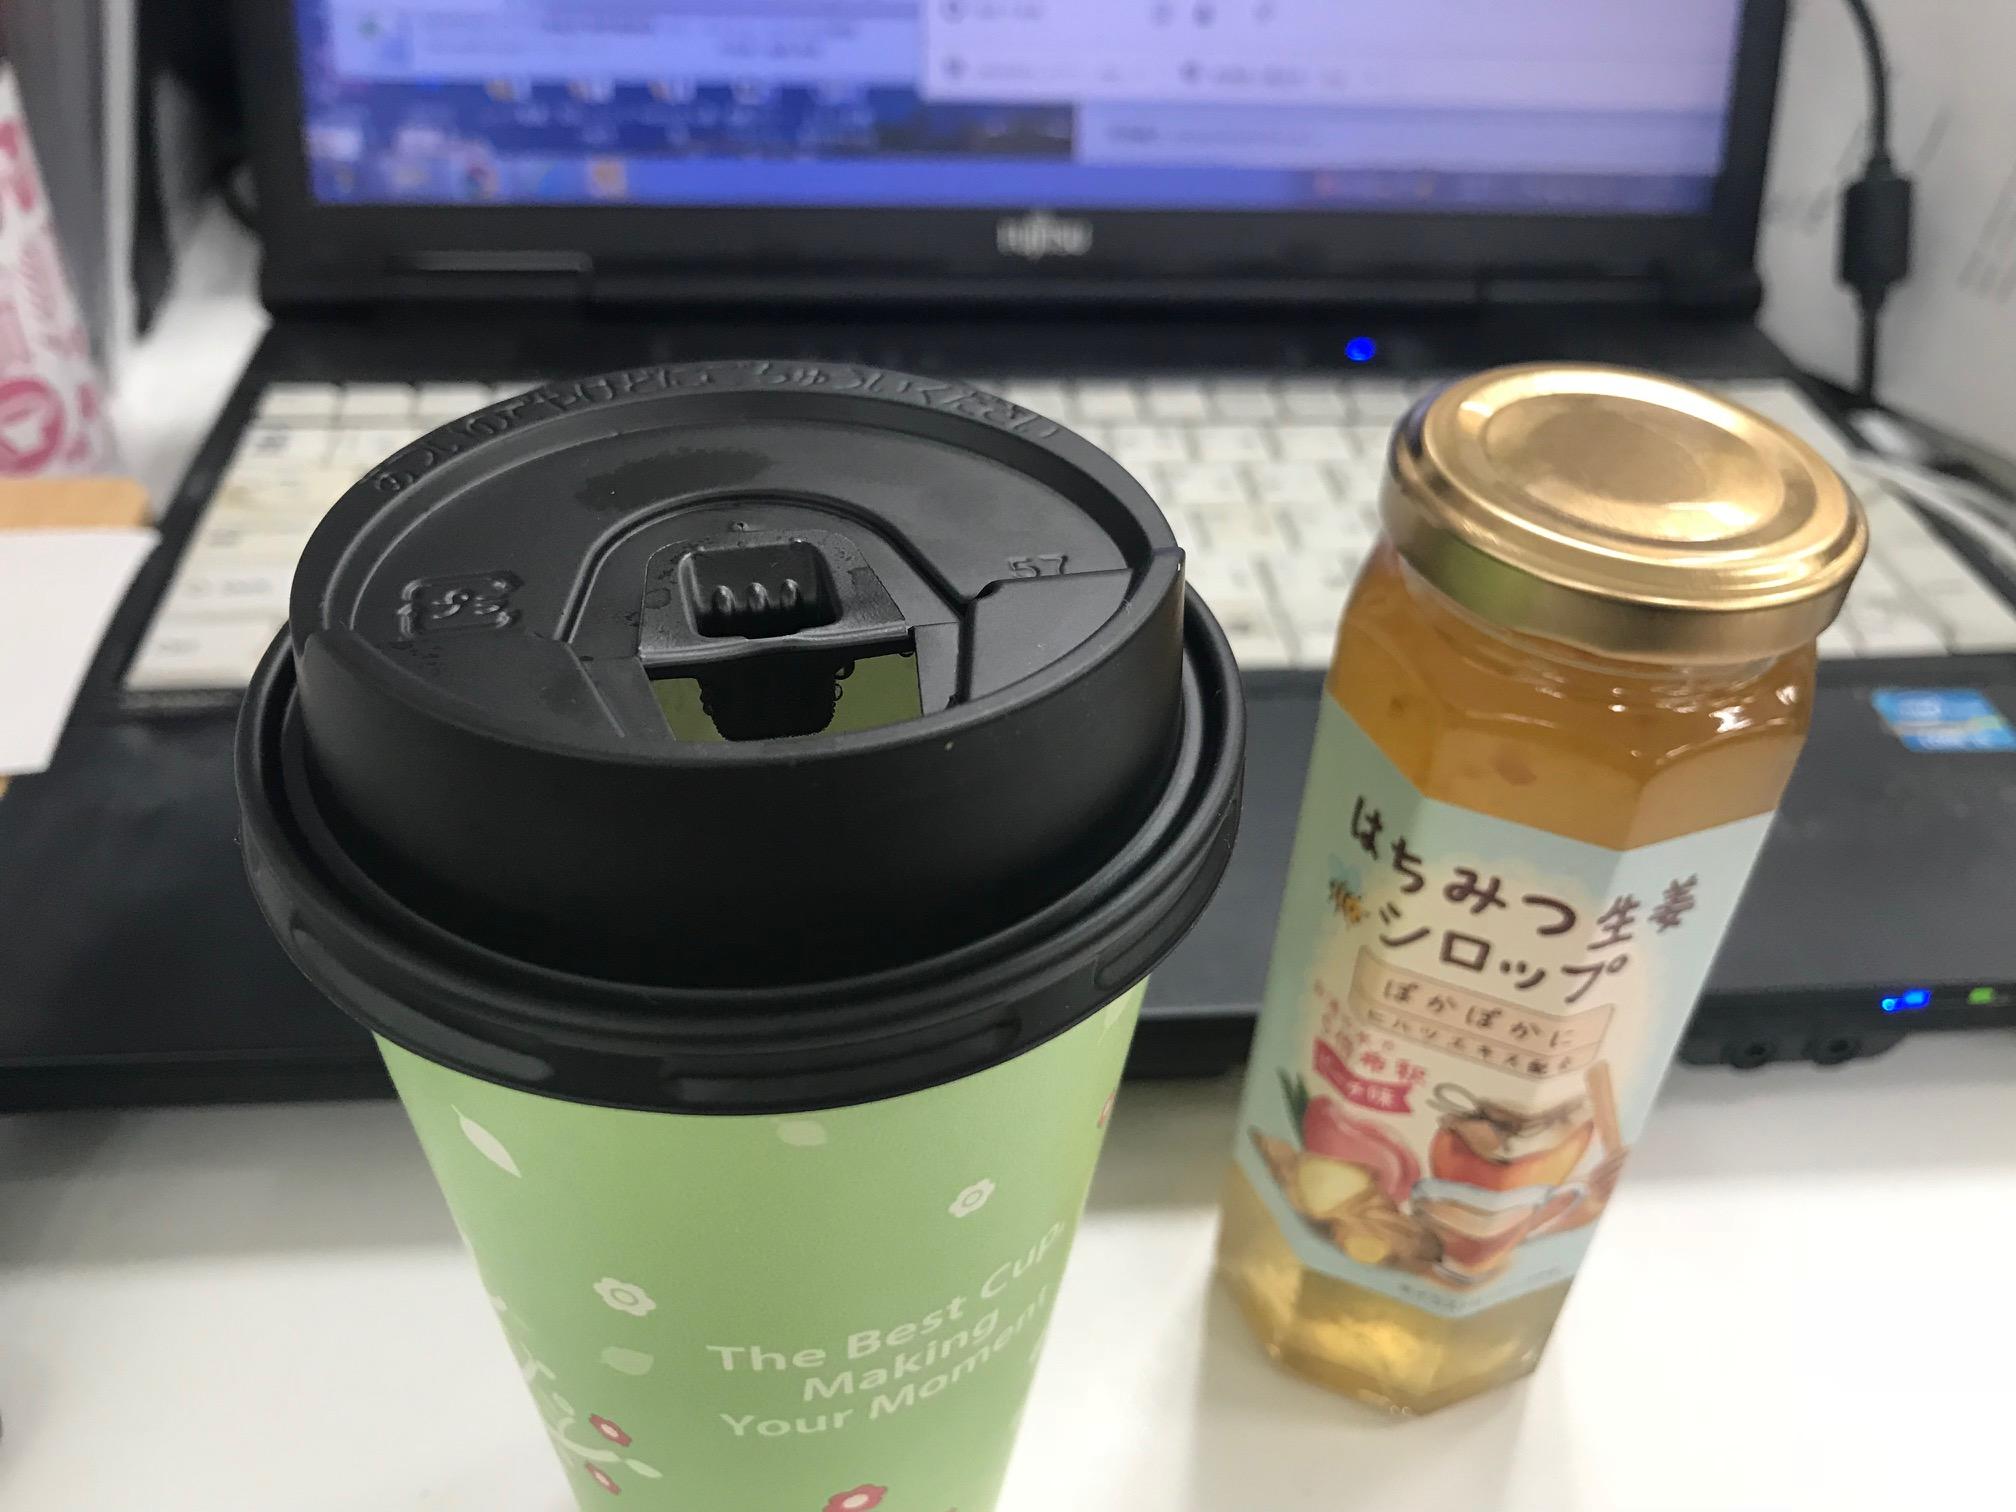 デスクで飲むはちみつコーヒー